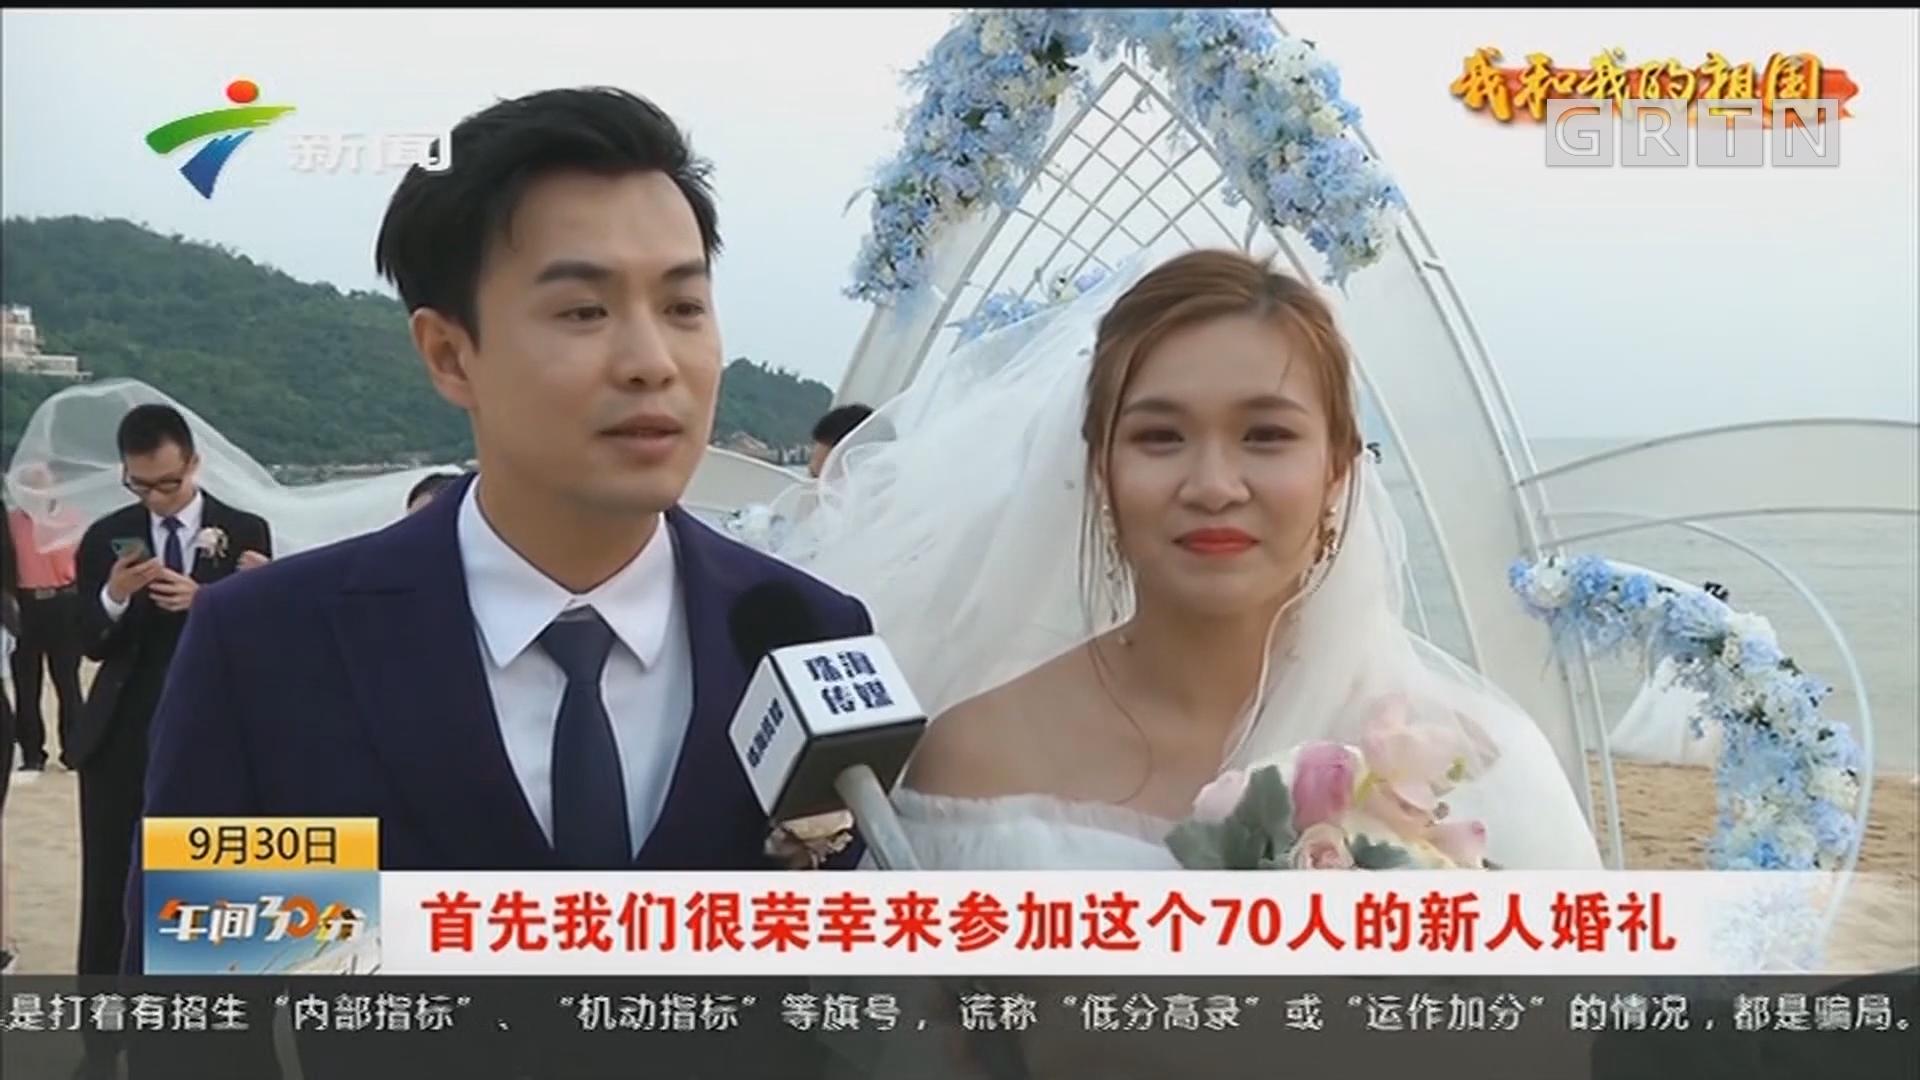 庆祝新中国成立70周年 粤港澳大湾区:海岛集体婚礼 为祖国祝福